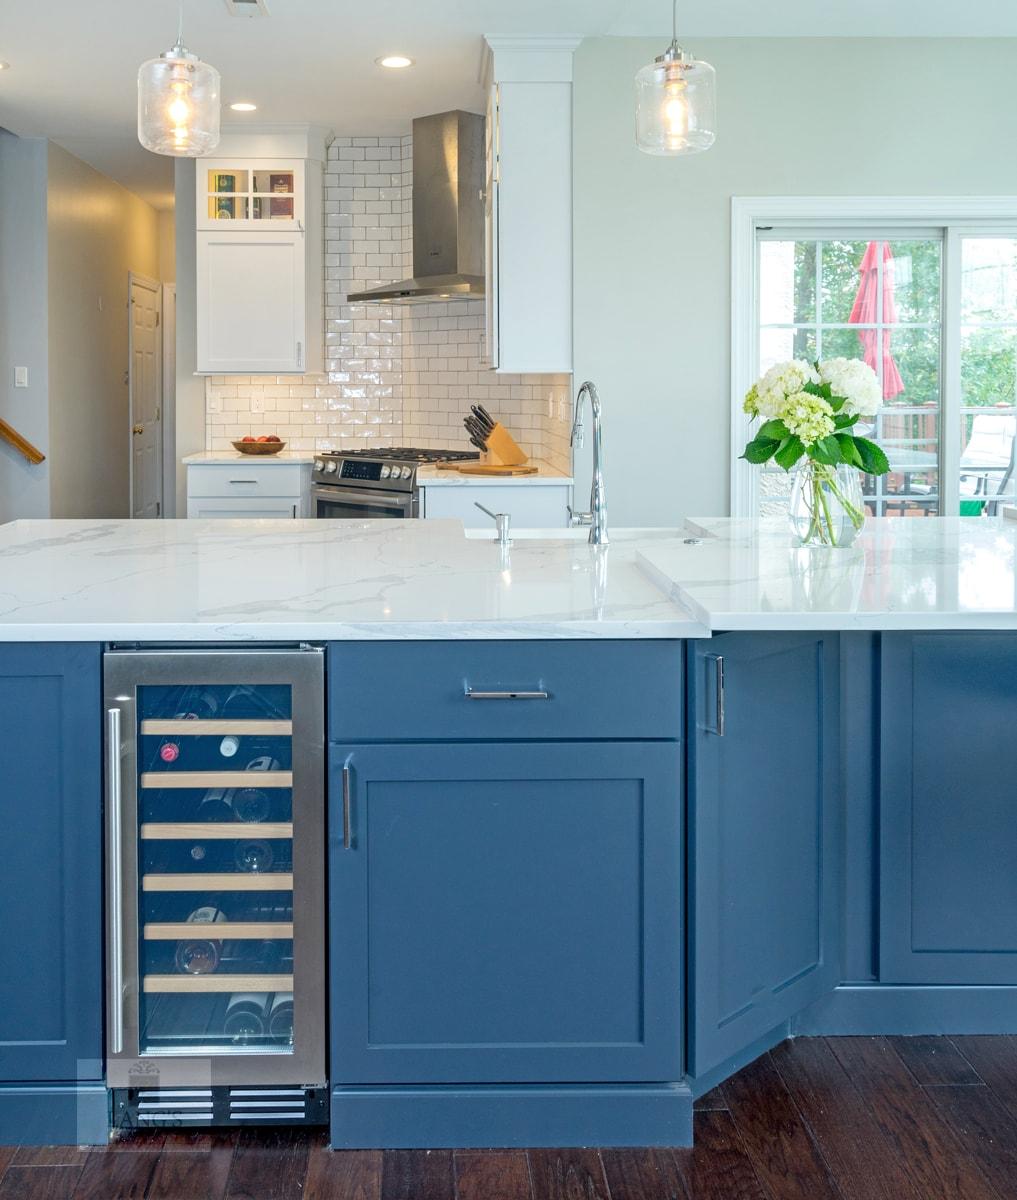 blue kitchen island with wine refrigerator